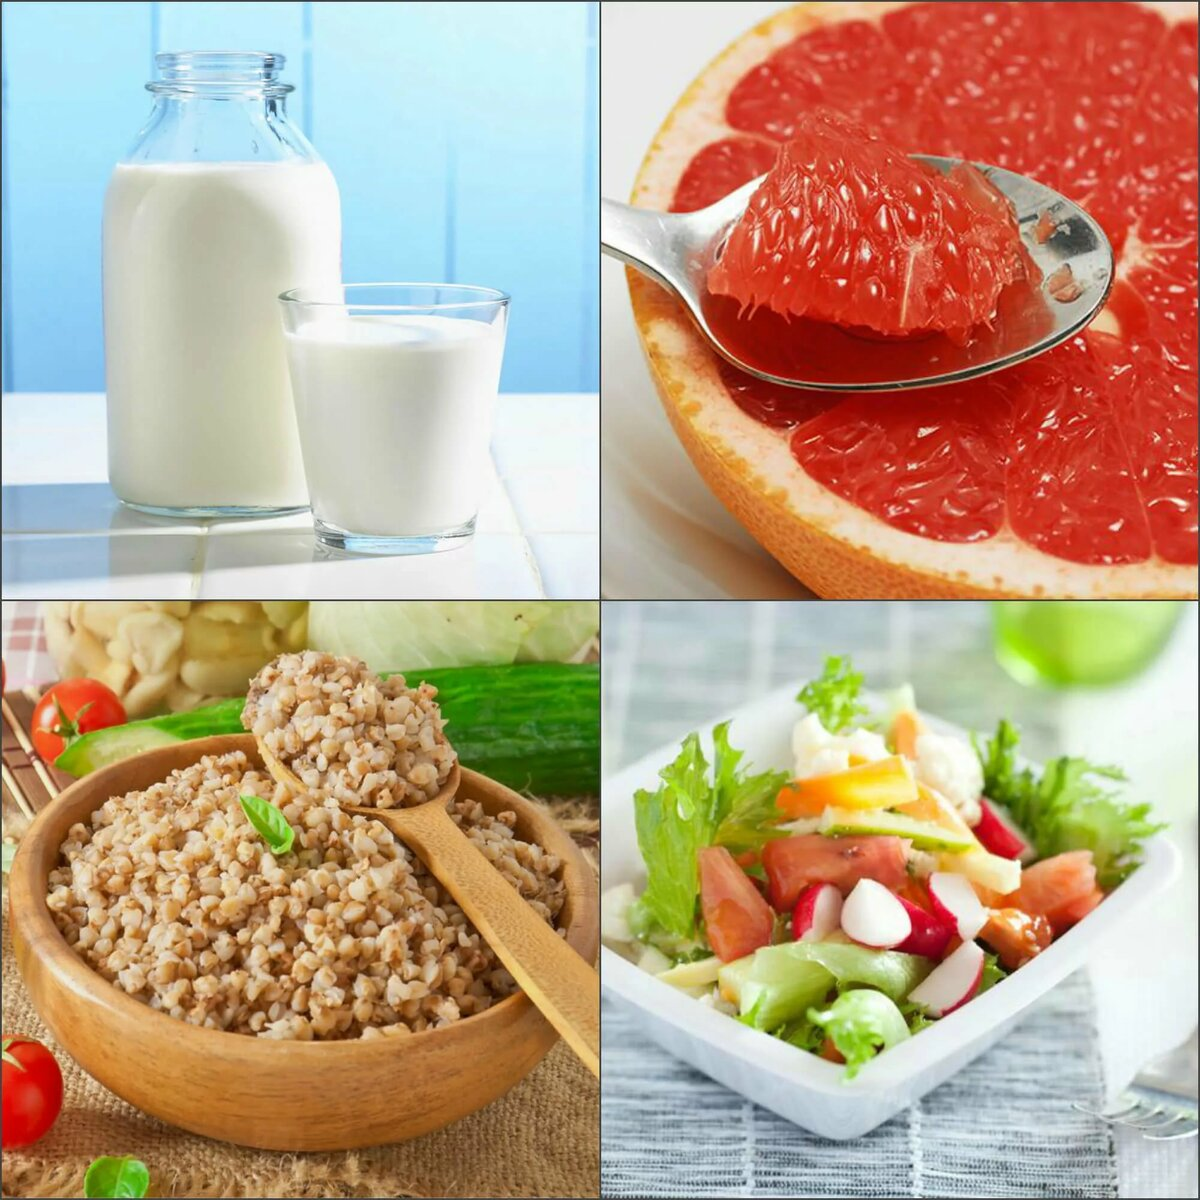 Диеты Быстрым Эффектом. 10 лучших эффективных диет для быстрого похудения: как похудеть в домашних условиях